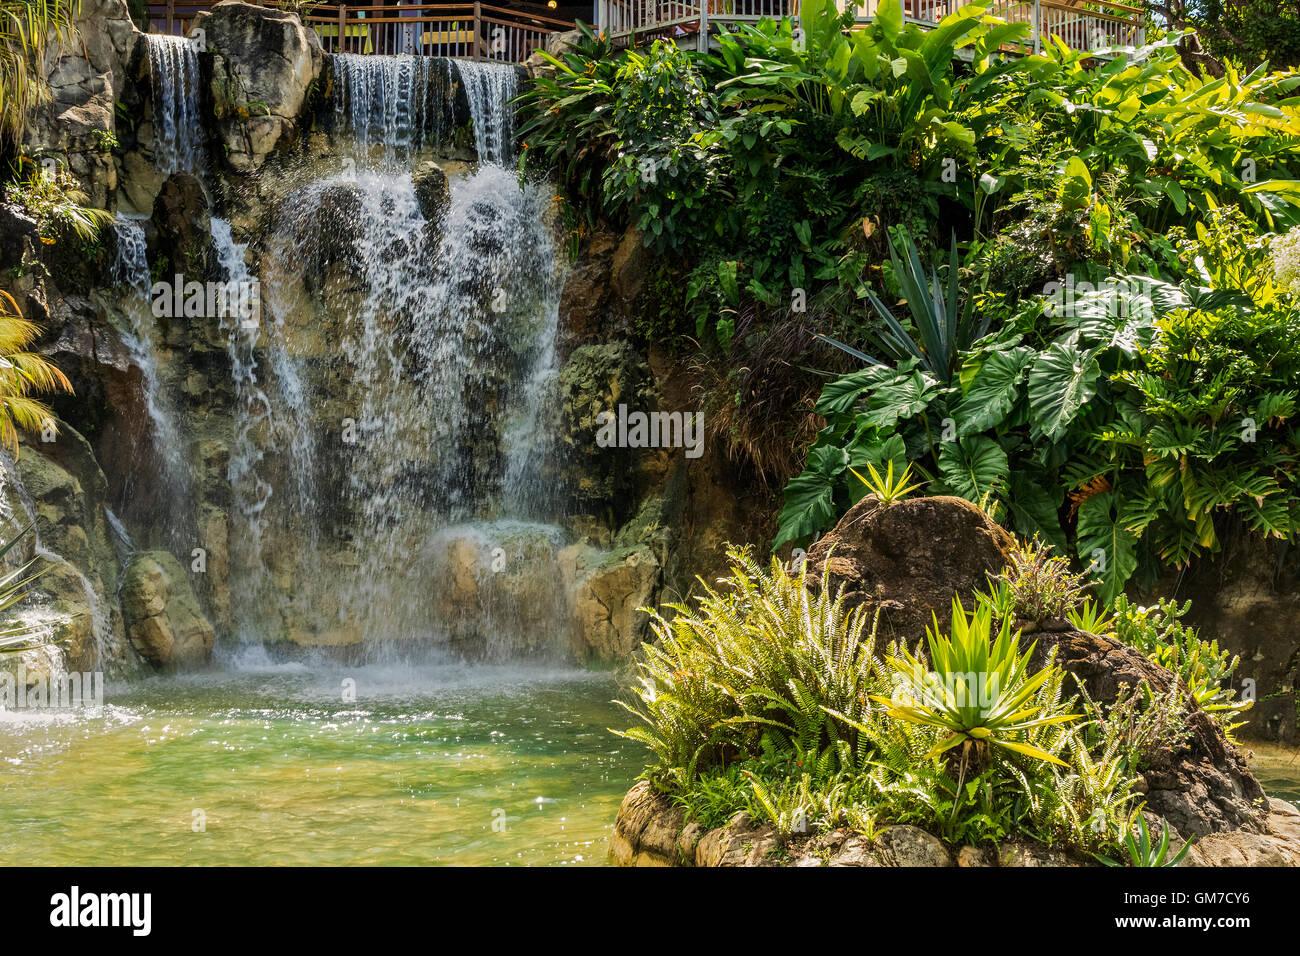 Cascade de jardin botanique de Balata Guadeloupe Antilles Banque D'Images